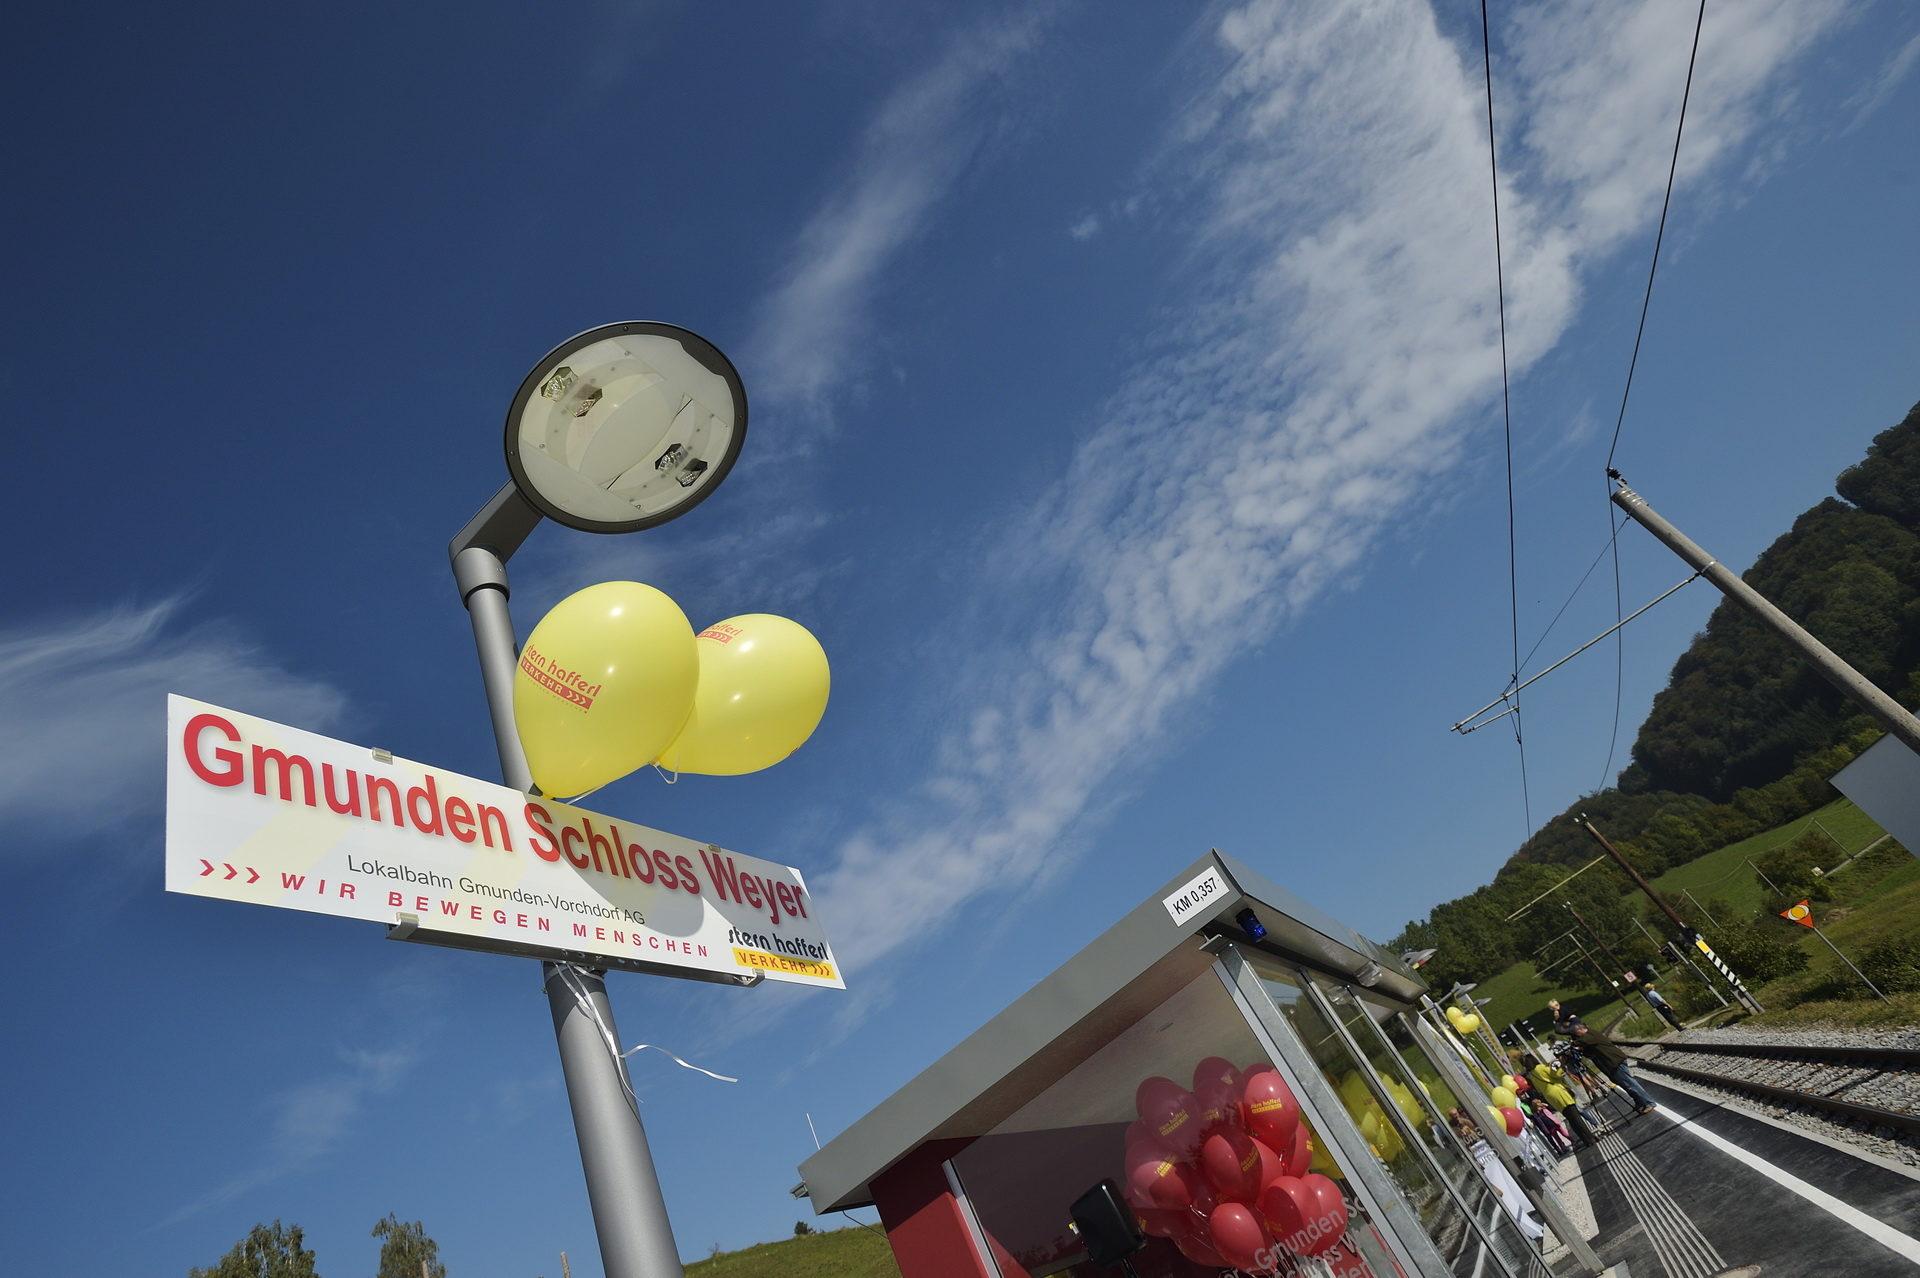 Eröffnung Haltestelle Schloss Weyer